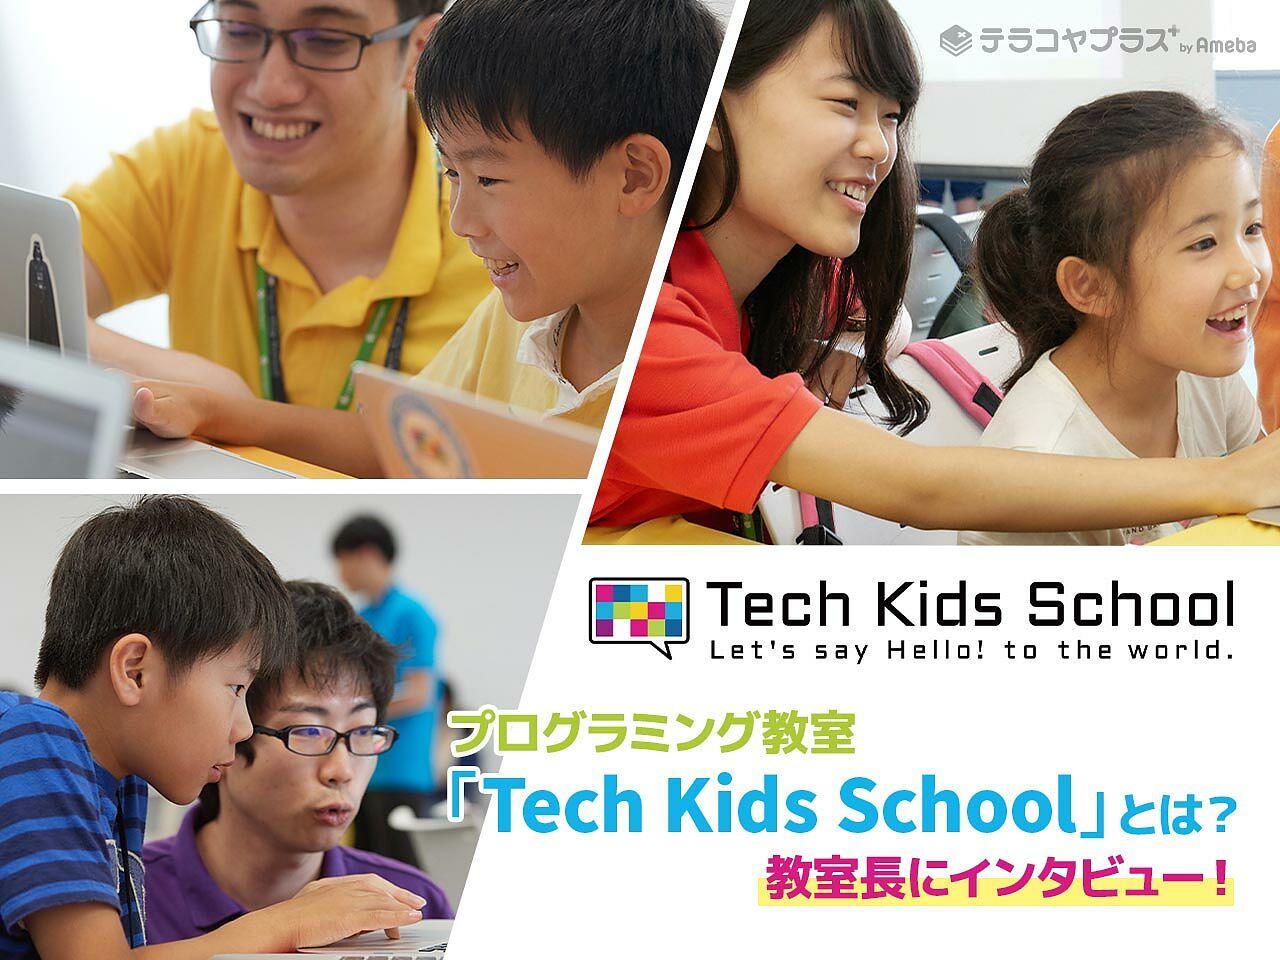 子どものためのプログラミング教室「Tech Kids School」に潜入取材!の画像